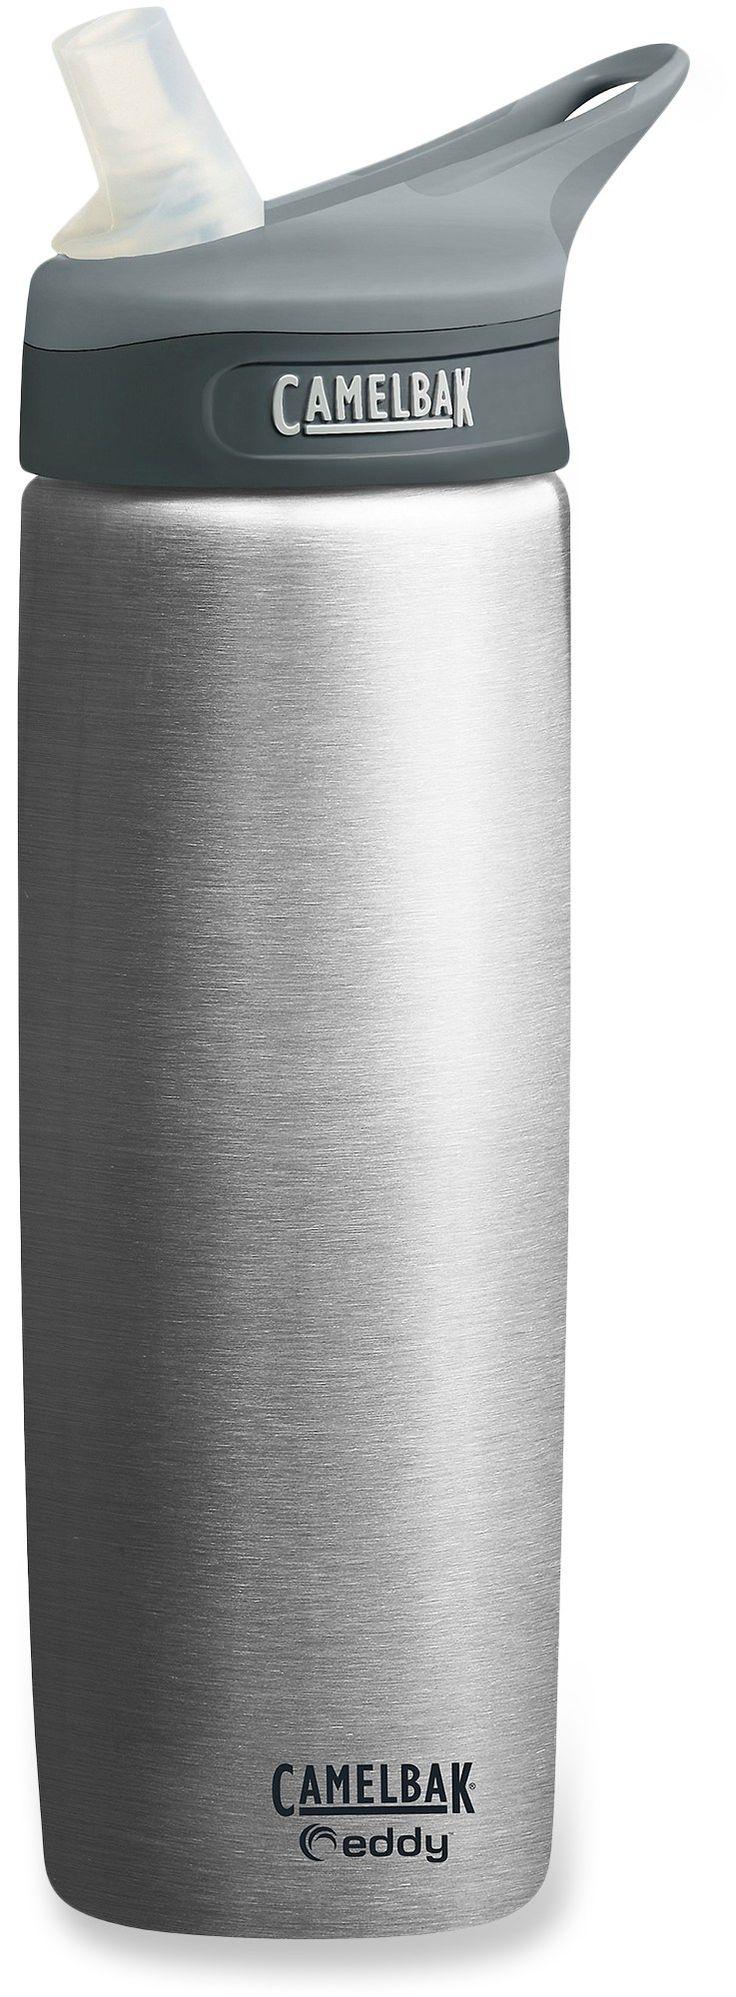 CamelBak eddy Stainless Steel Water Bottle